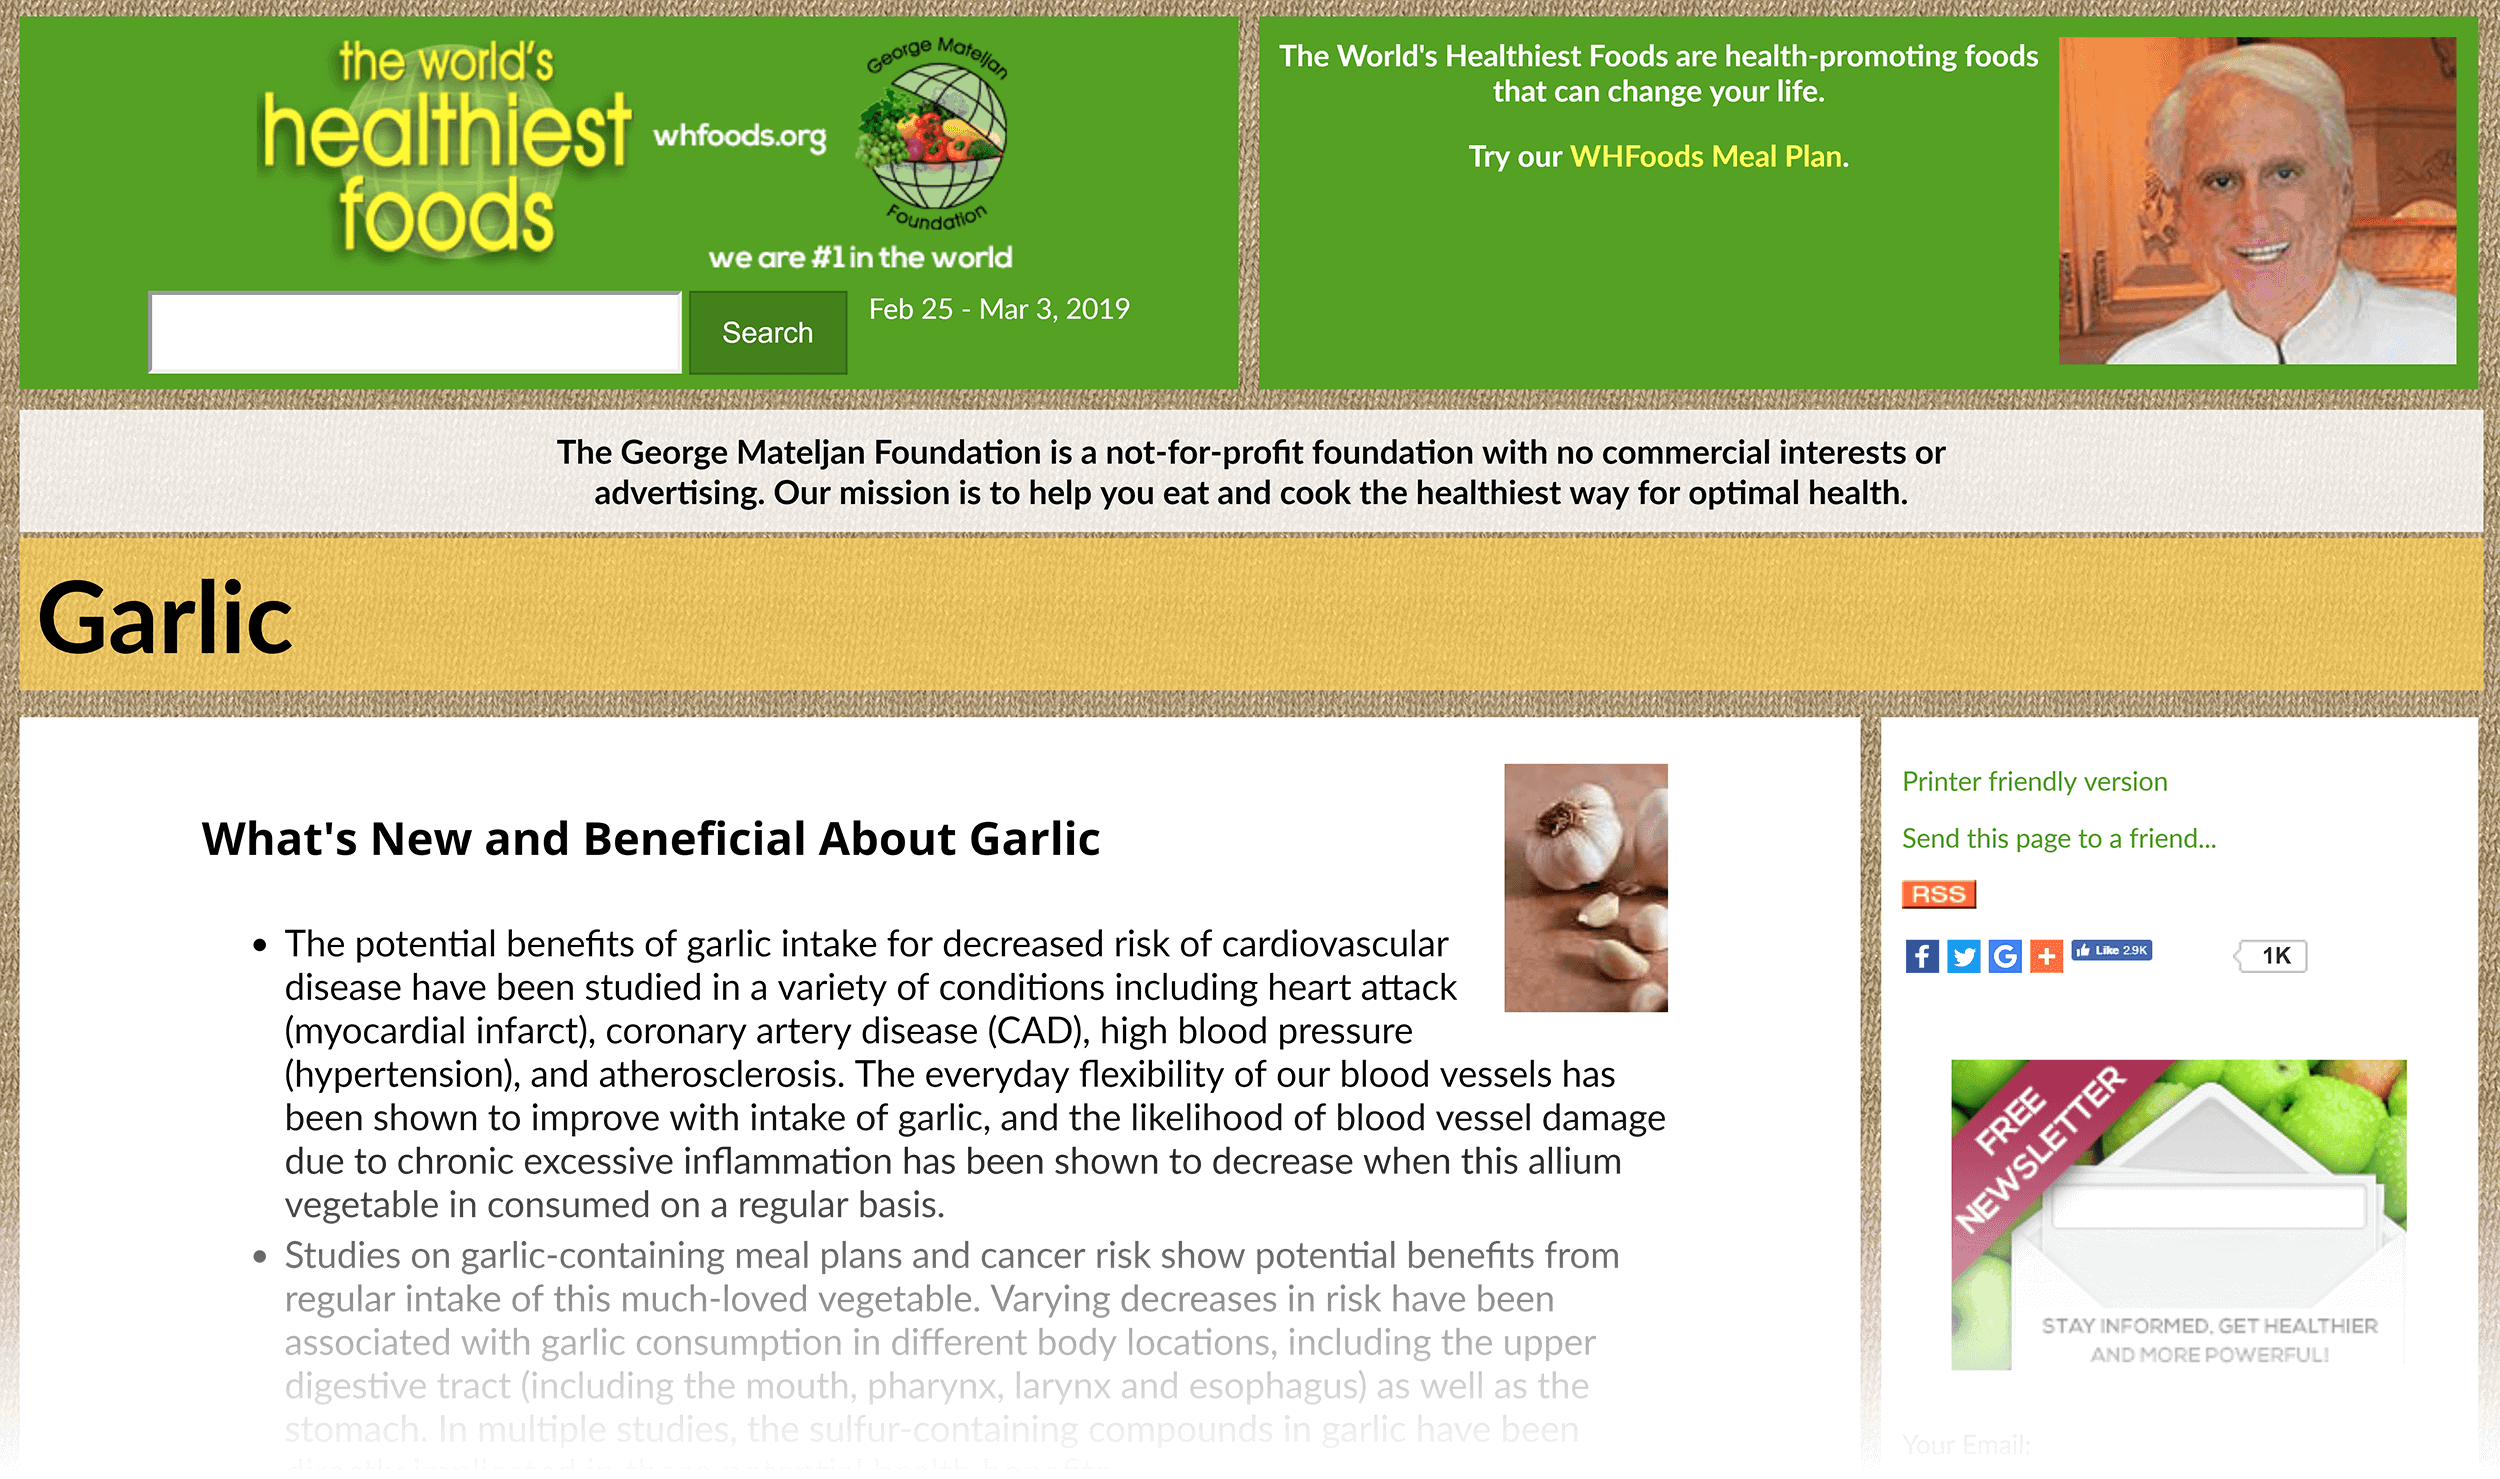 WHFoods – Garlic